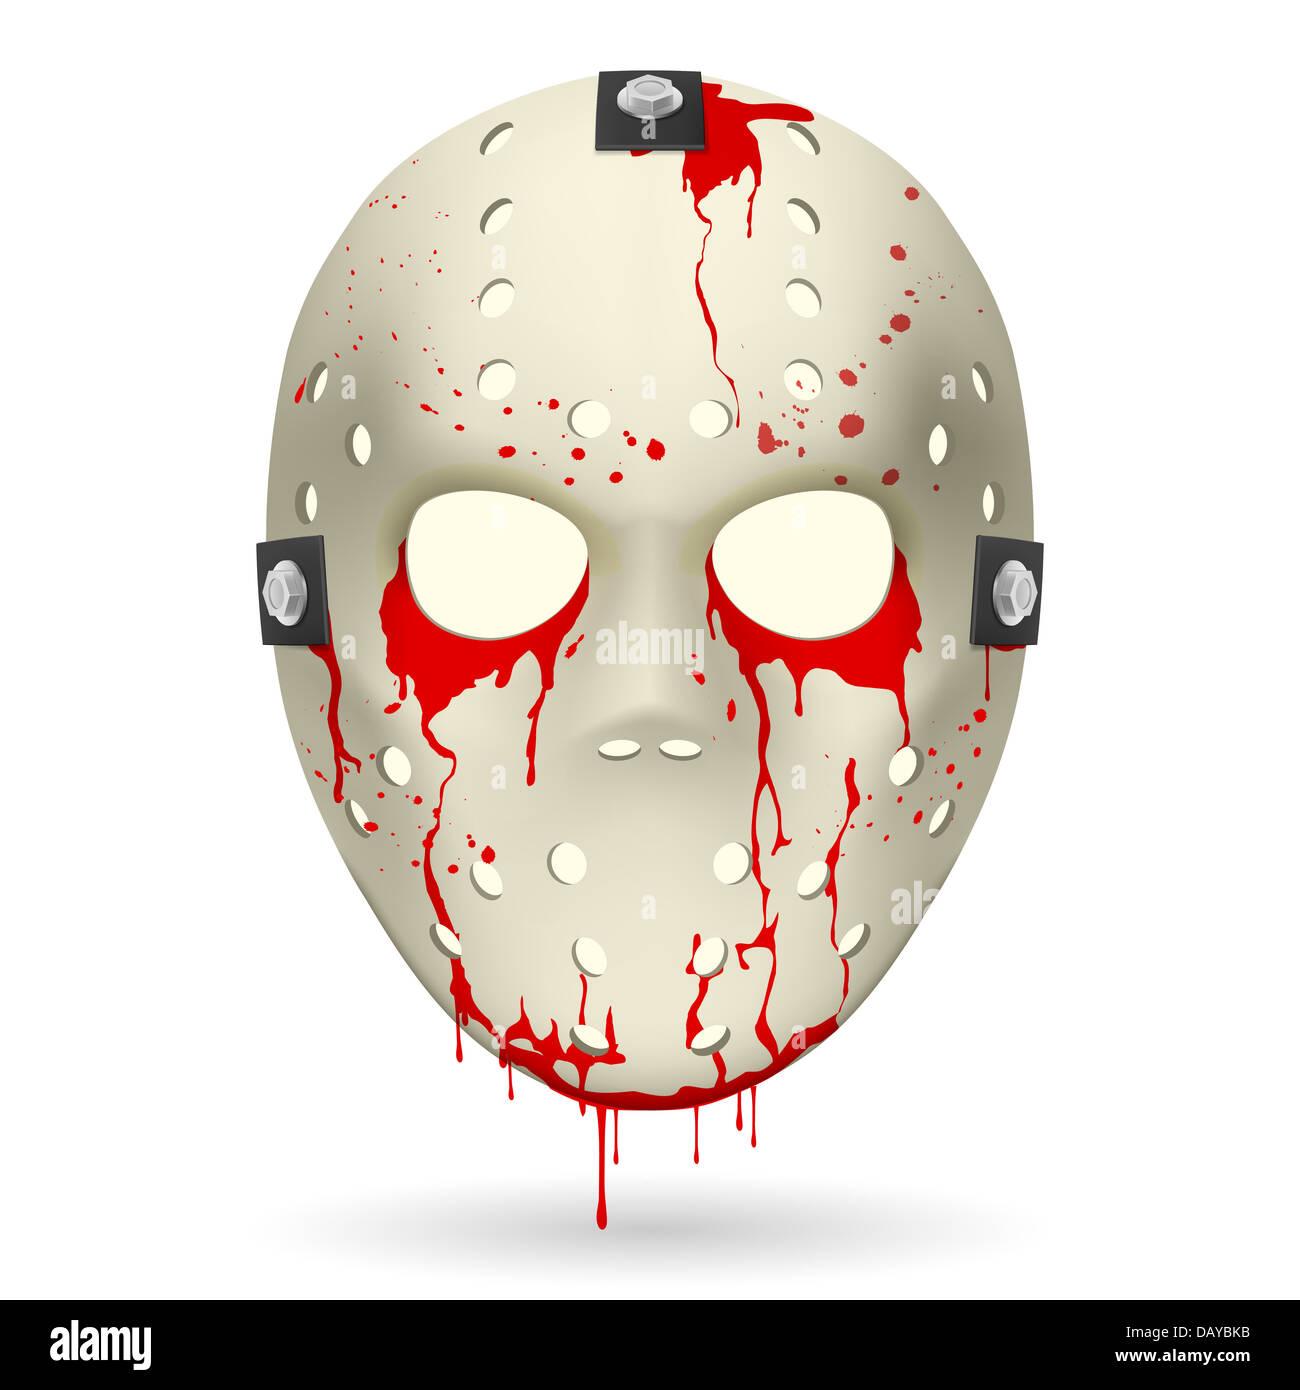 Bloody Hockey Mask. Illustration on white background for design. - Stock Image